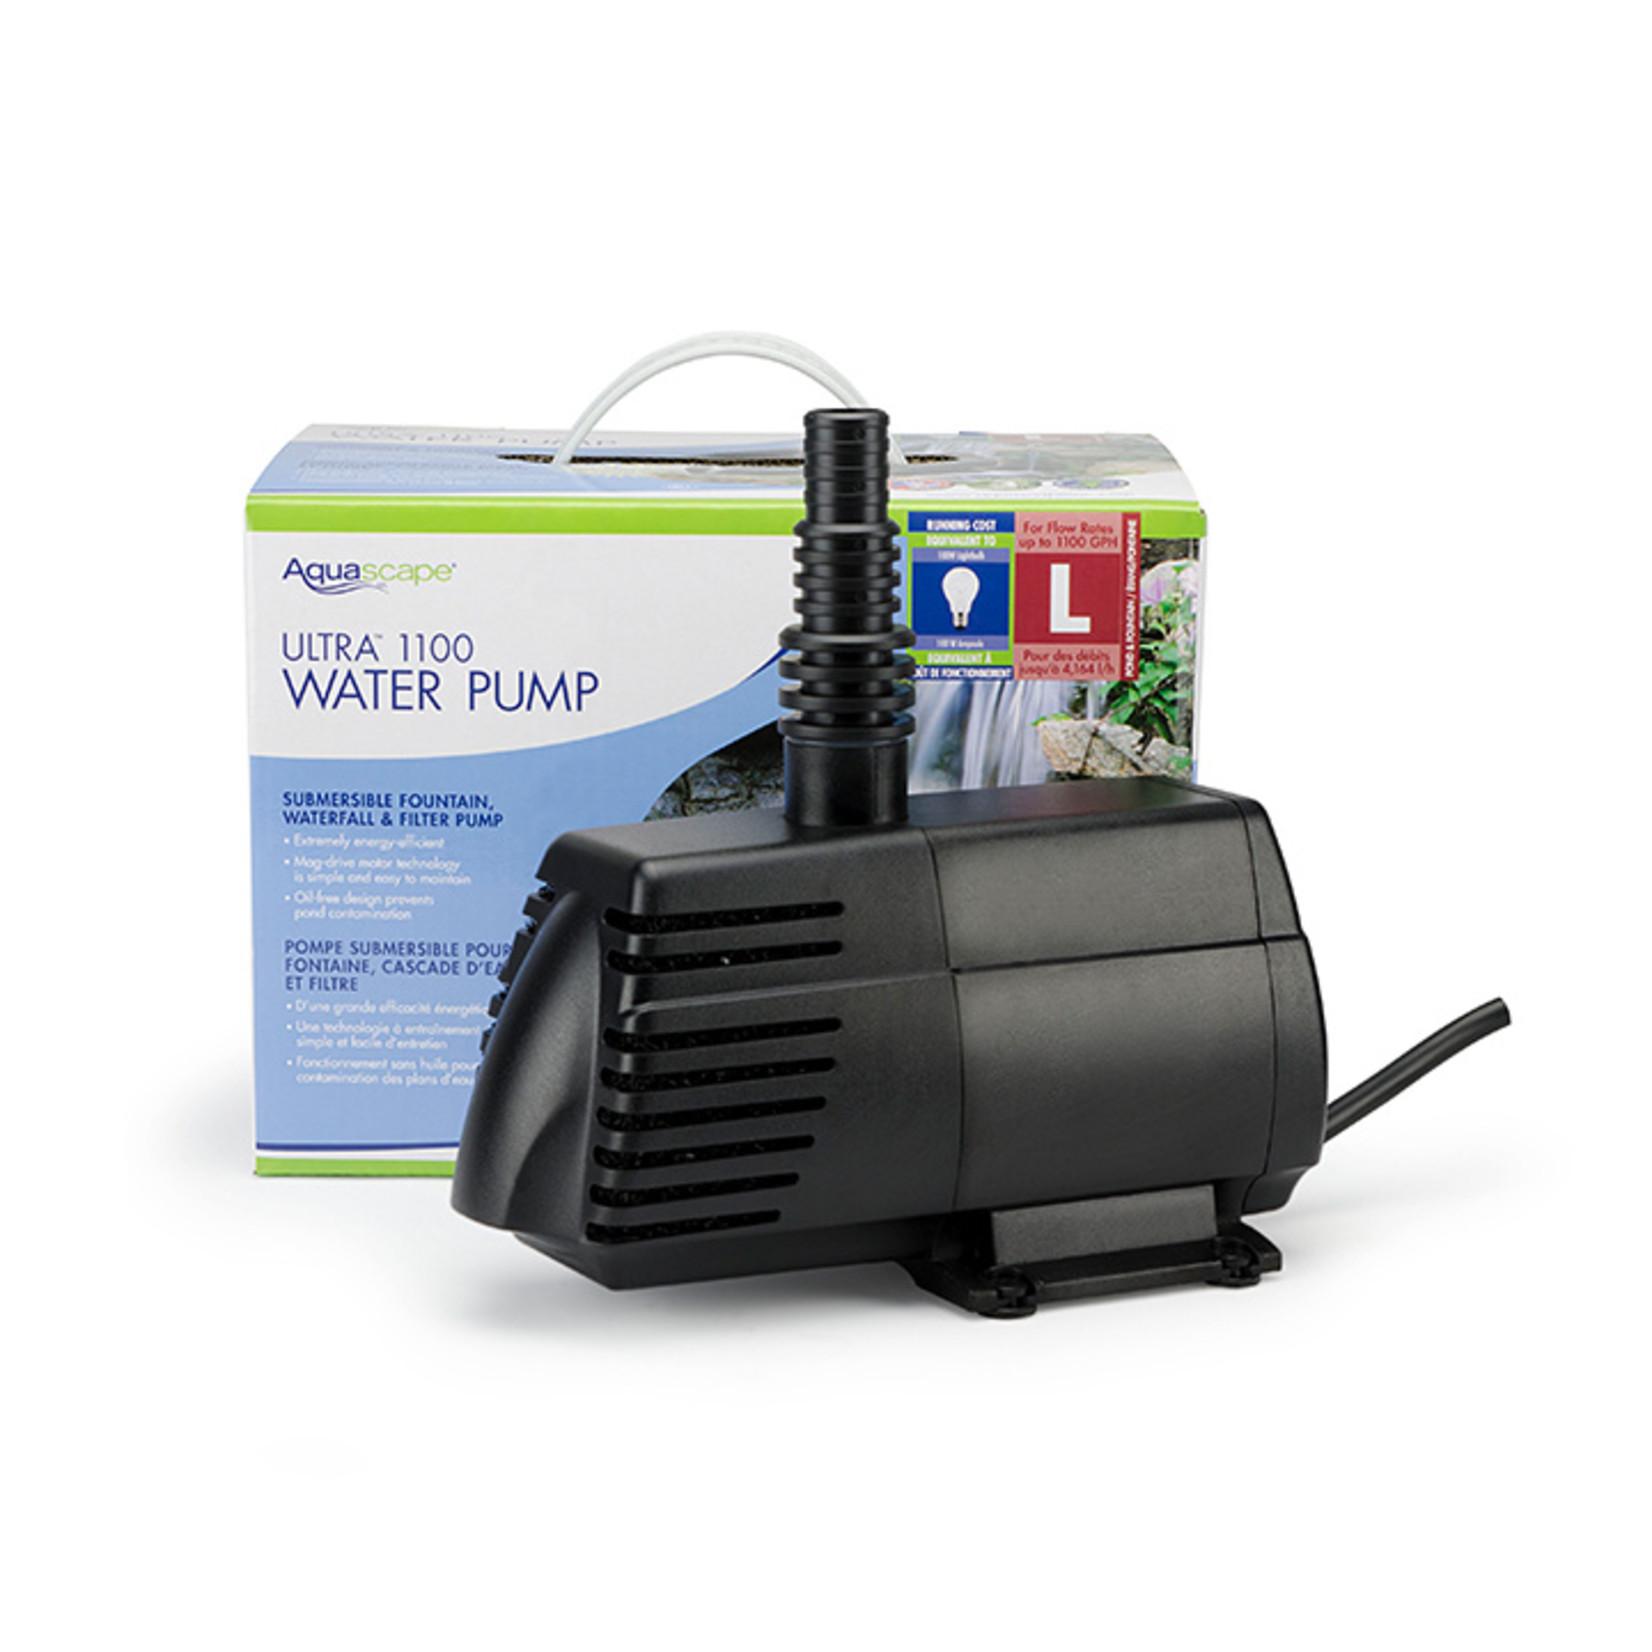 Aquascape Ultra 1100 Water Pump